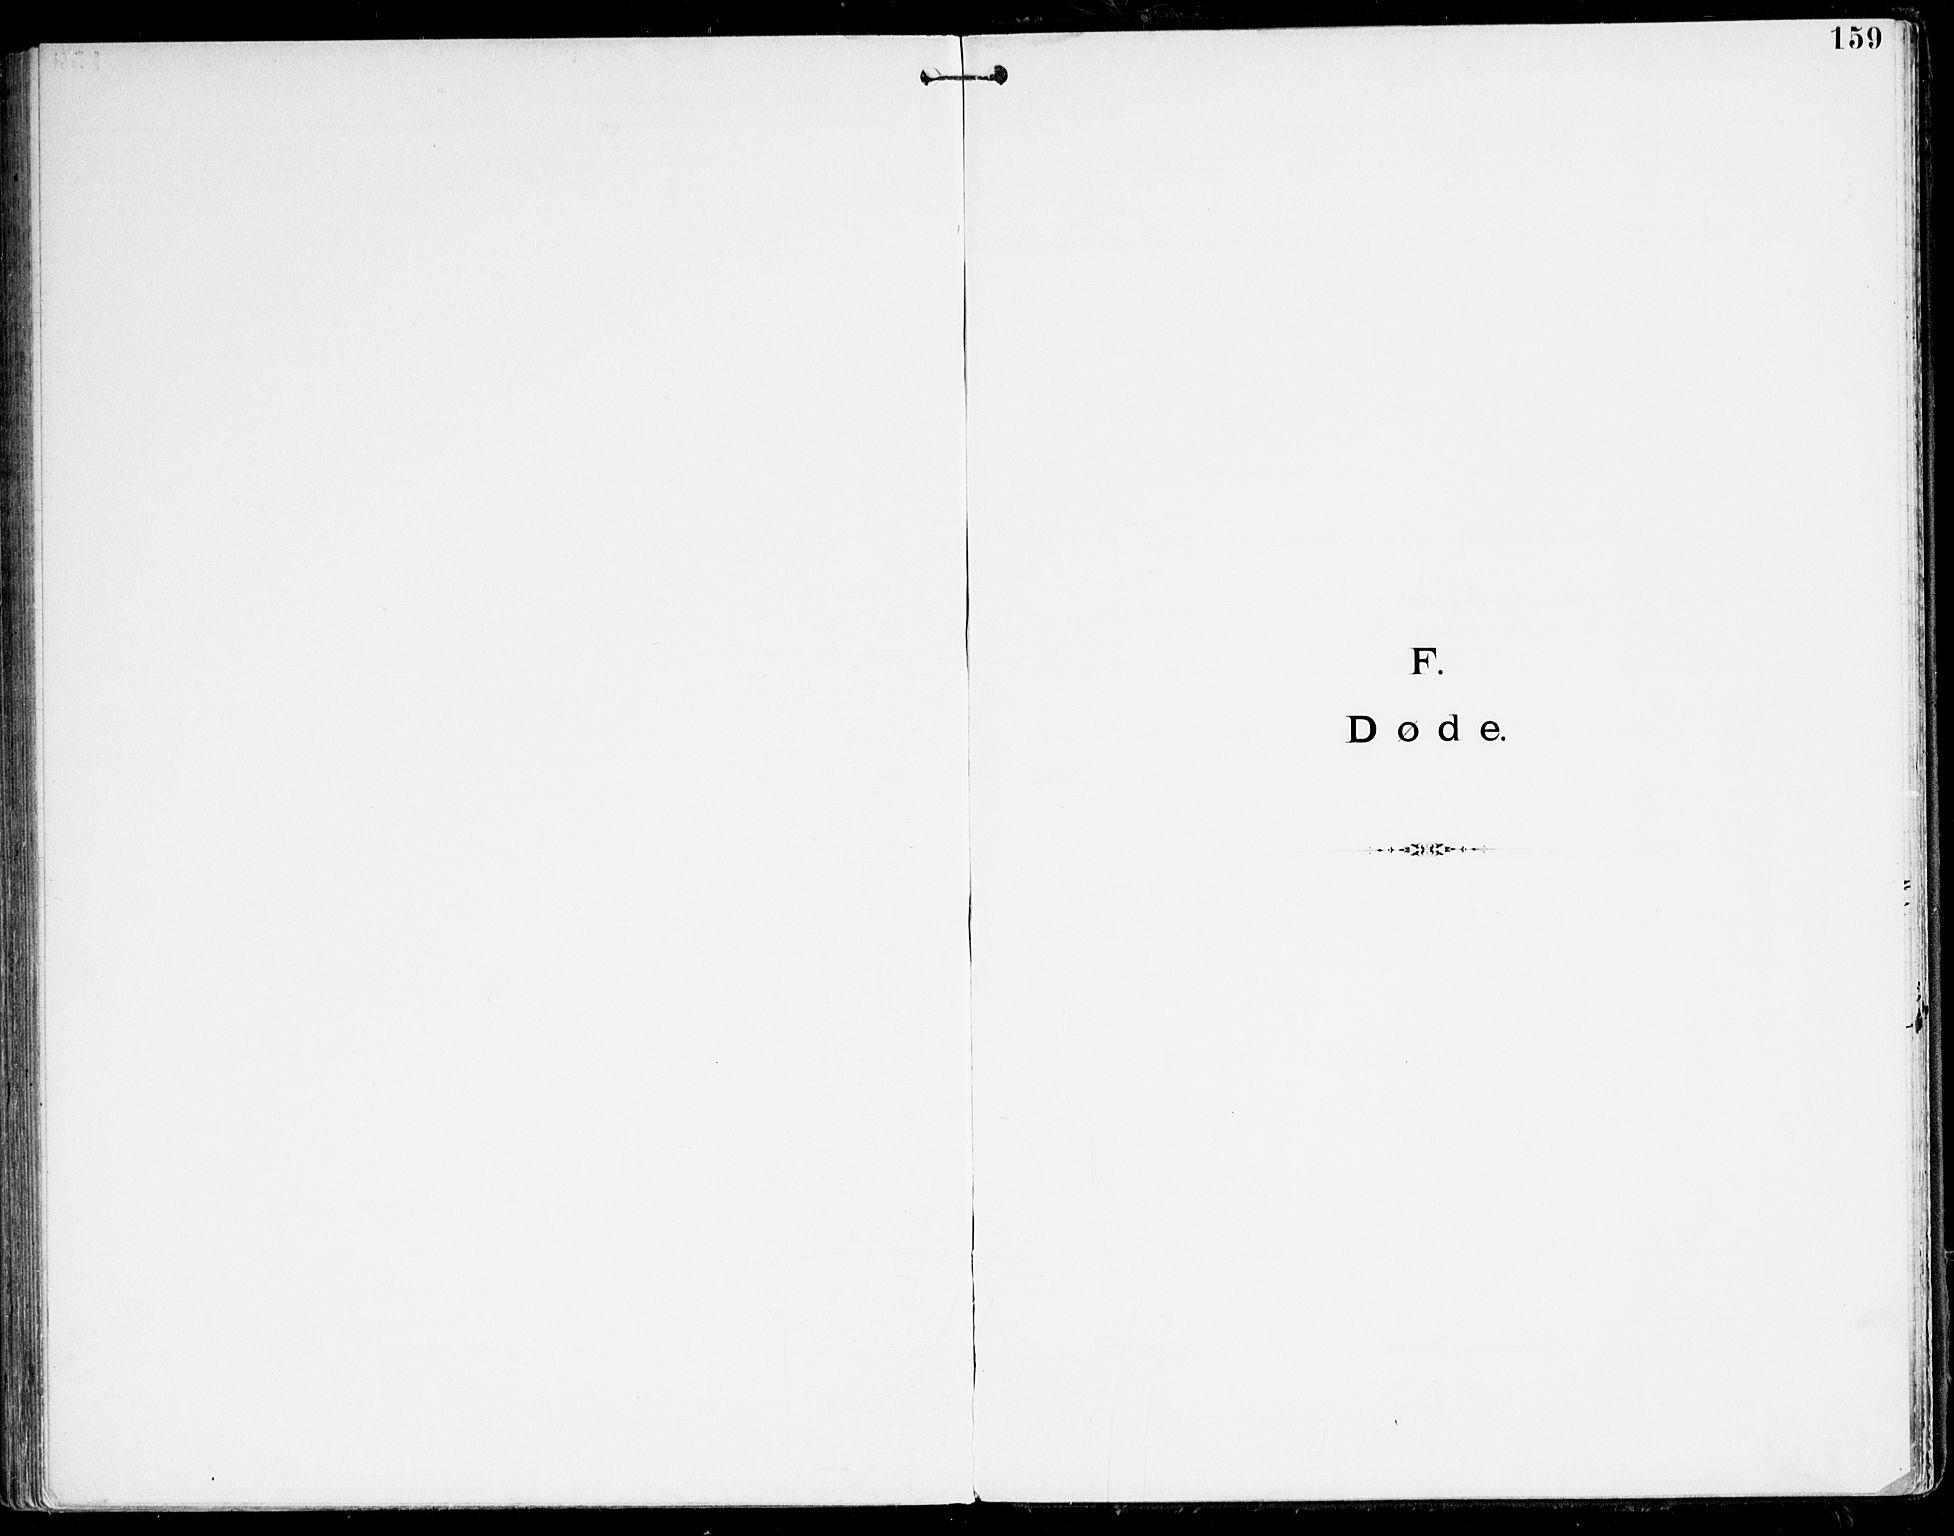 SAK, Den evangelisk-lutherske frikirke, Kristiansand, F/Fa/L0003: Dissenterprotokoll nr. F 11, 1892-1925, s. 159